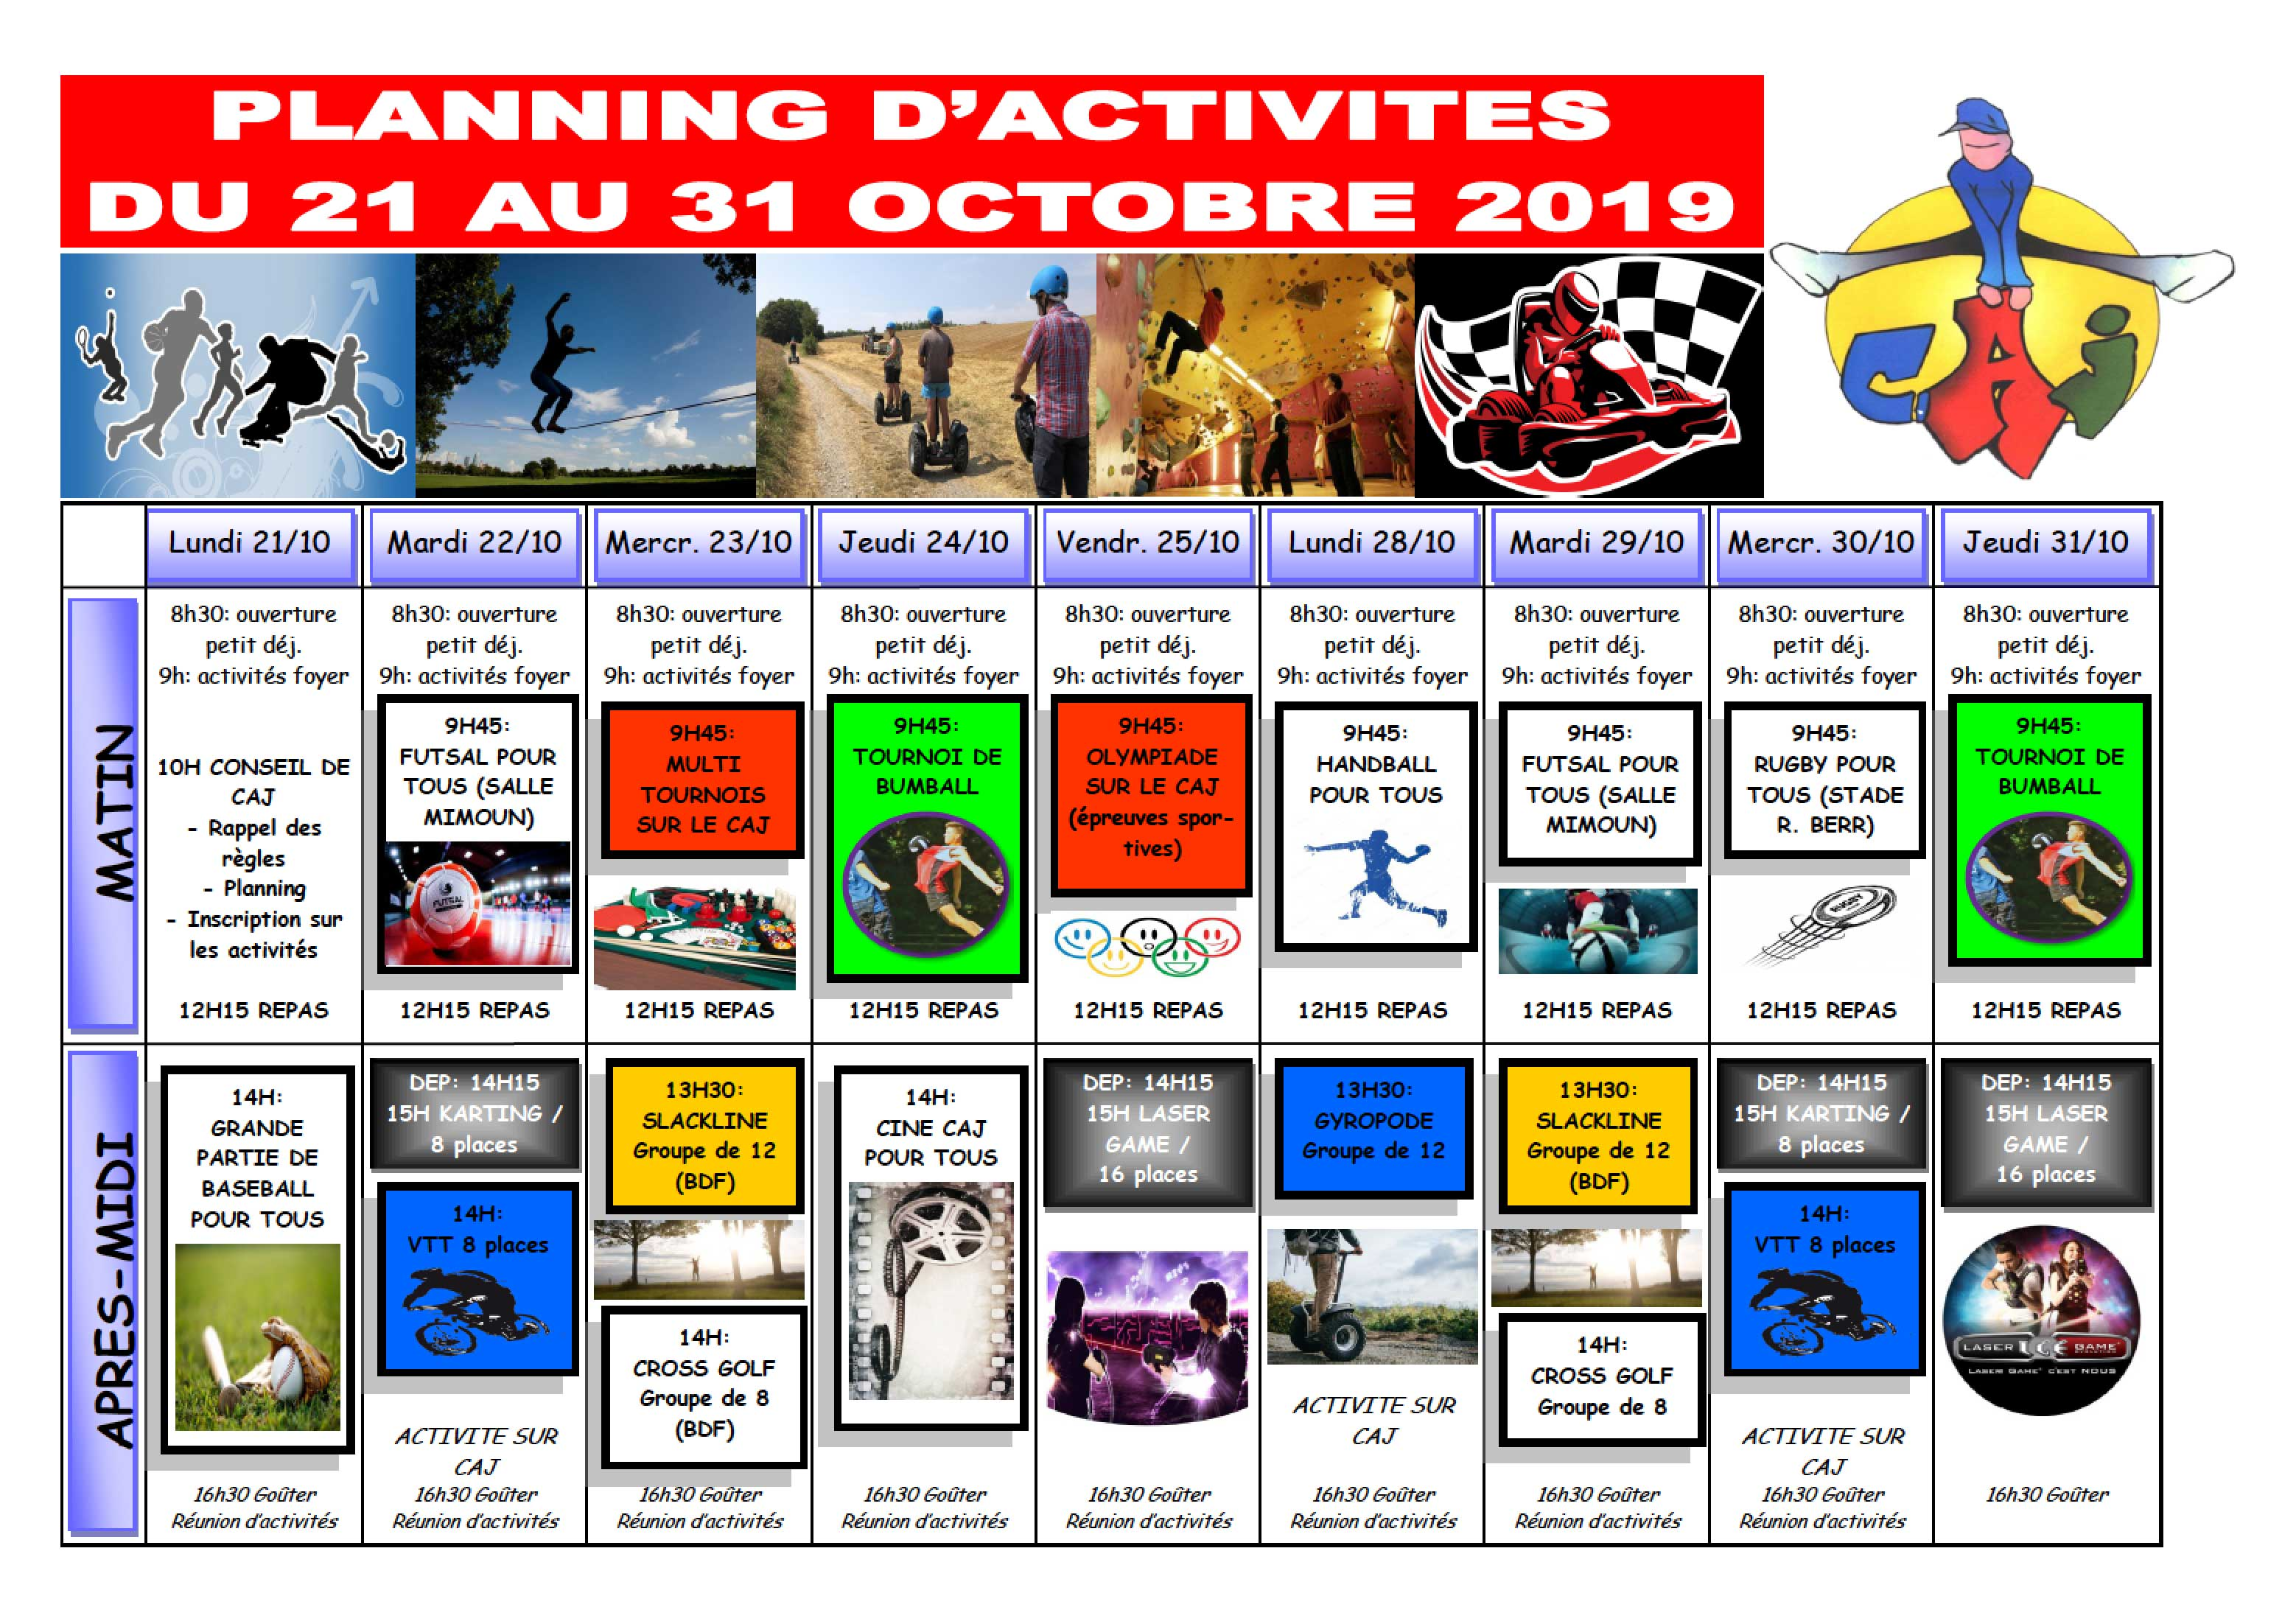 Planning d'activités CAJ du 21 au 31/10